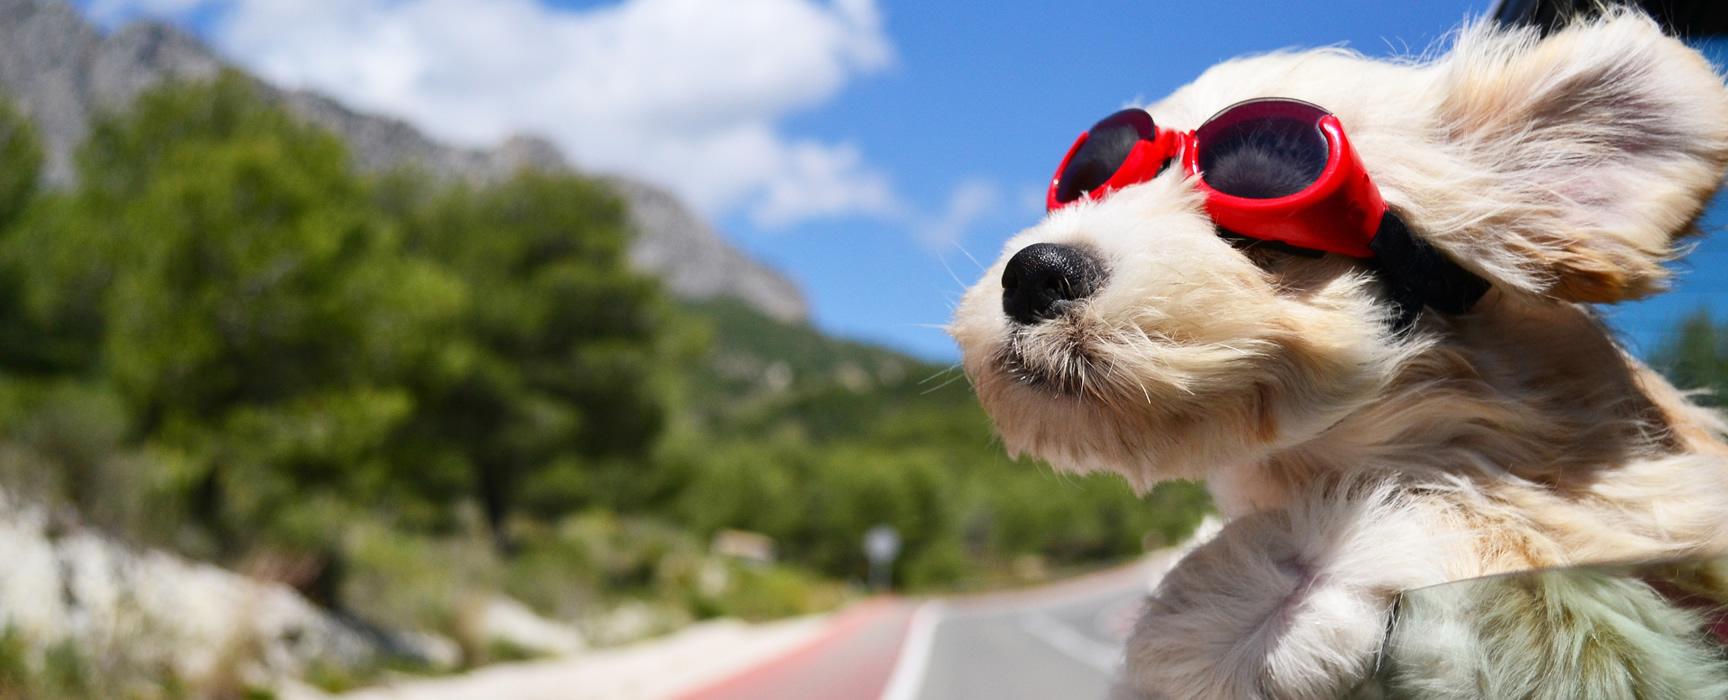 viajar con mascotas en casas rurales en españa